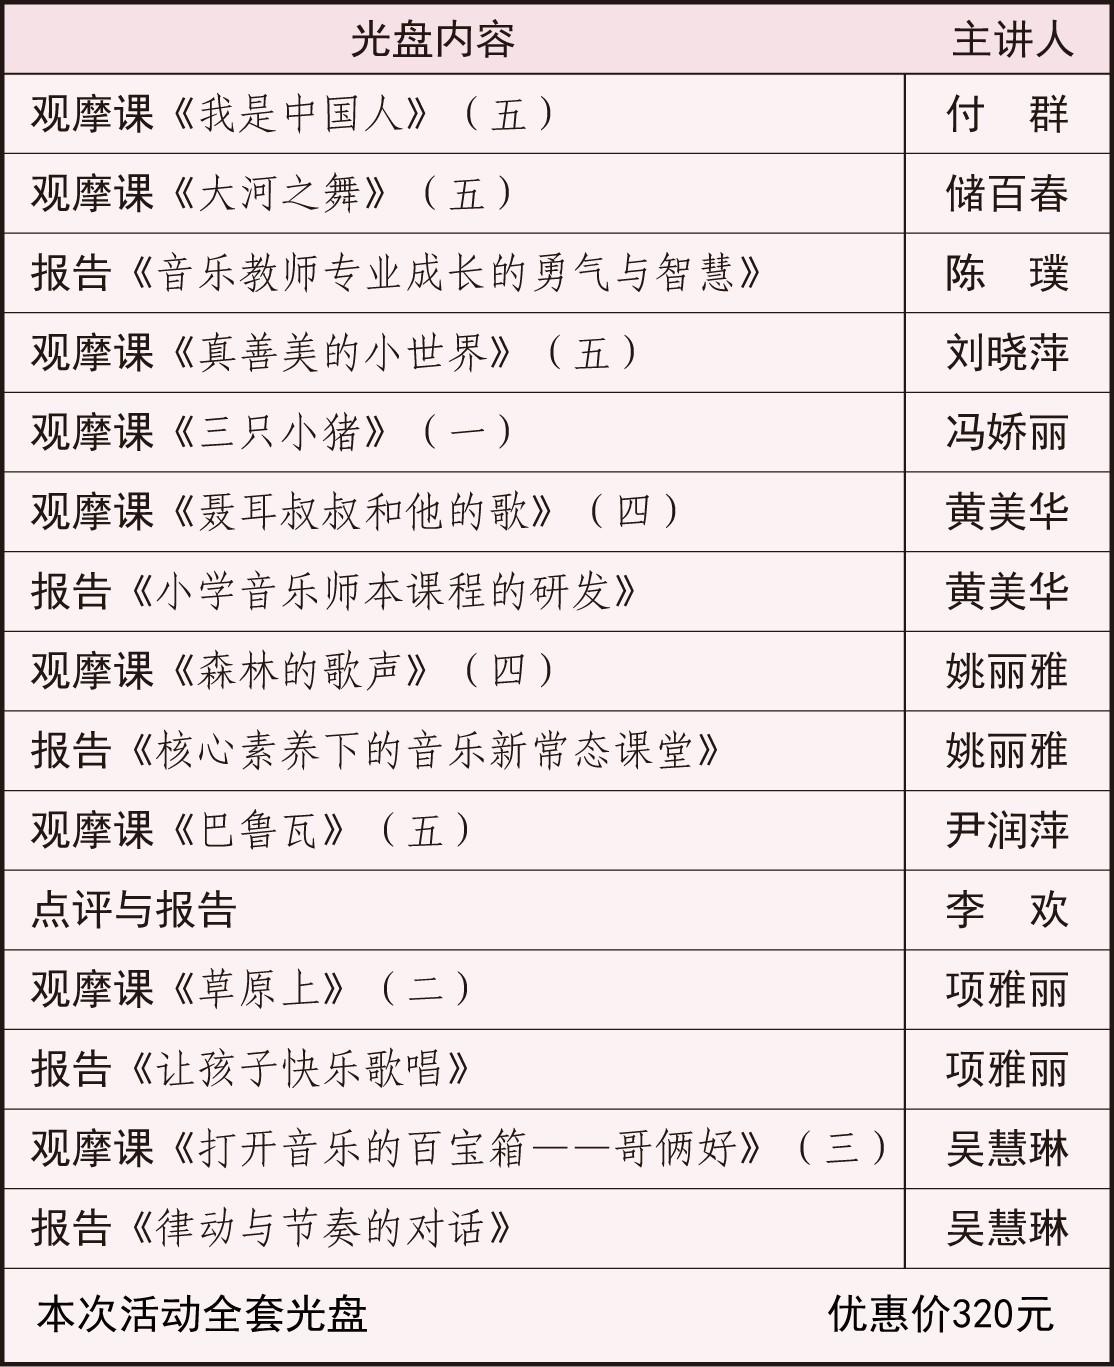 28届南京音乐光盘图.jpg